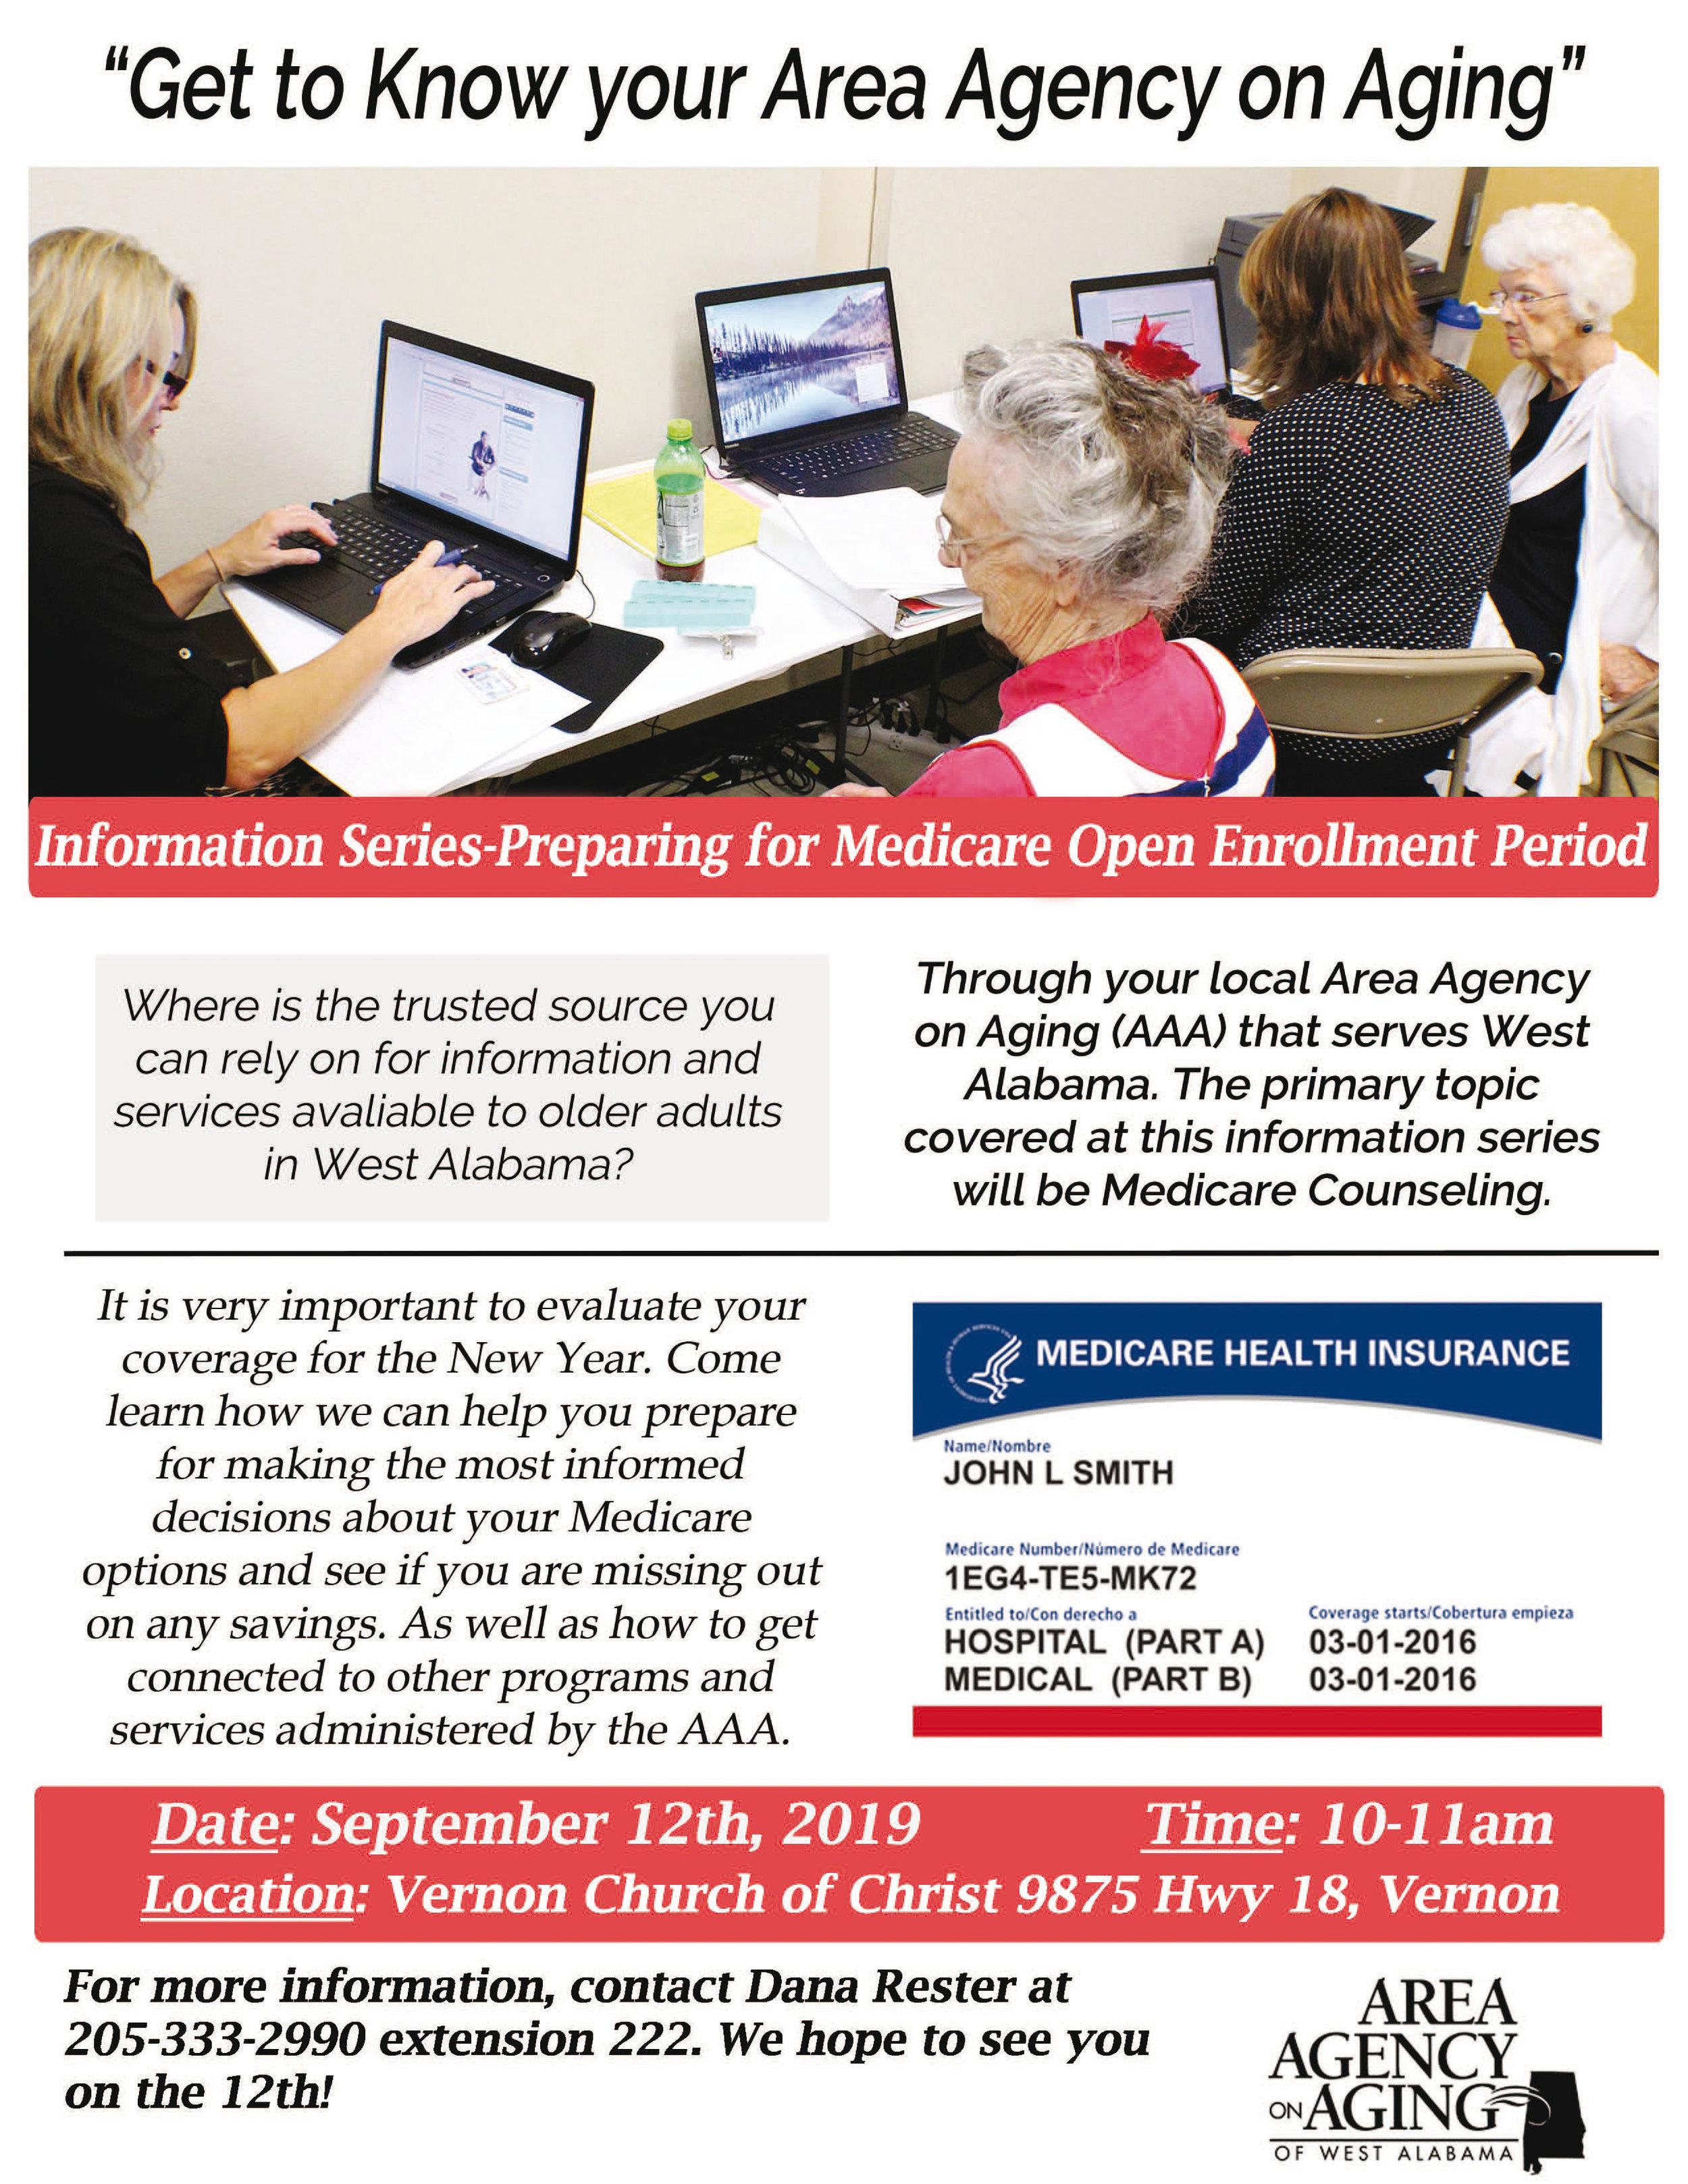 Medicare Counseling Flyer 2019 - Vernon.jpg